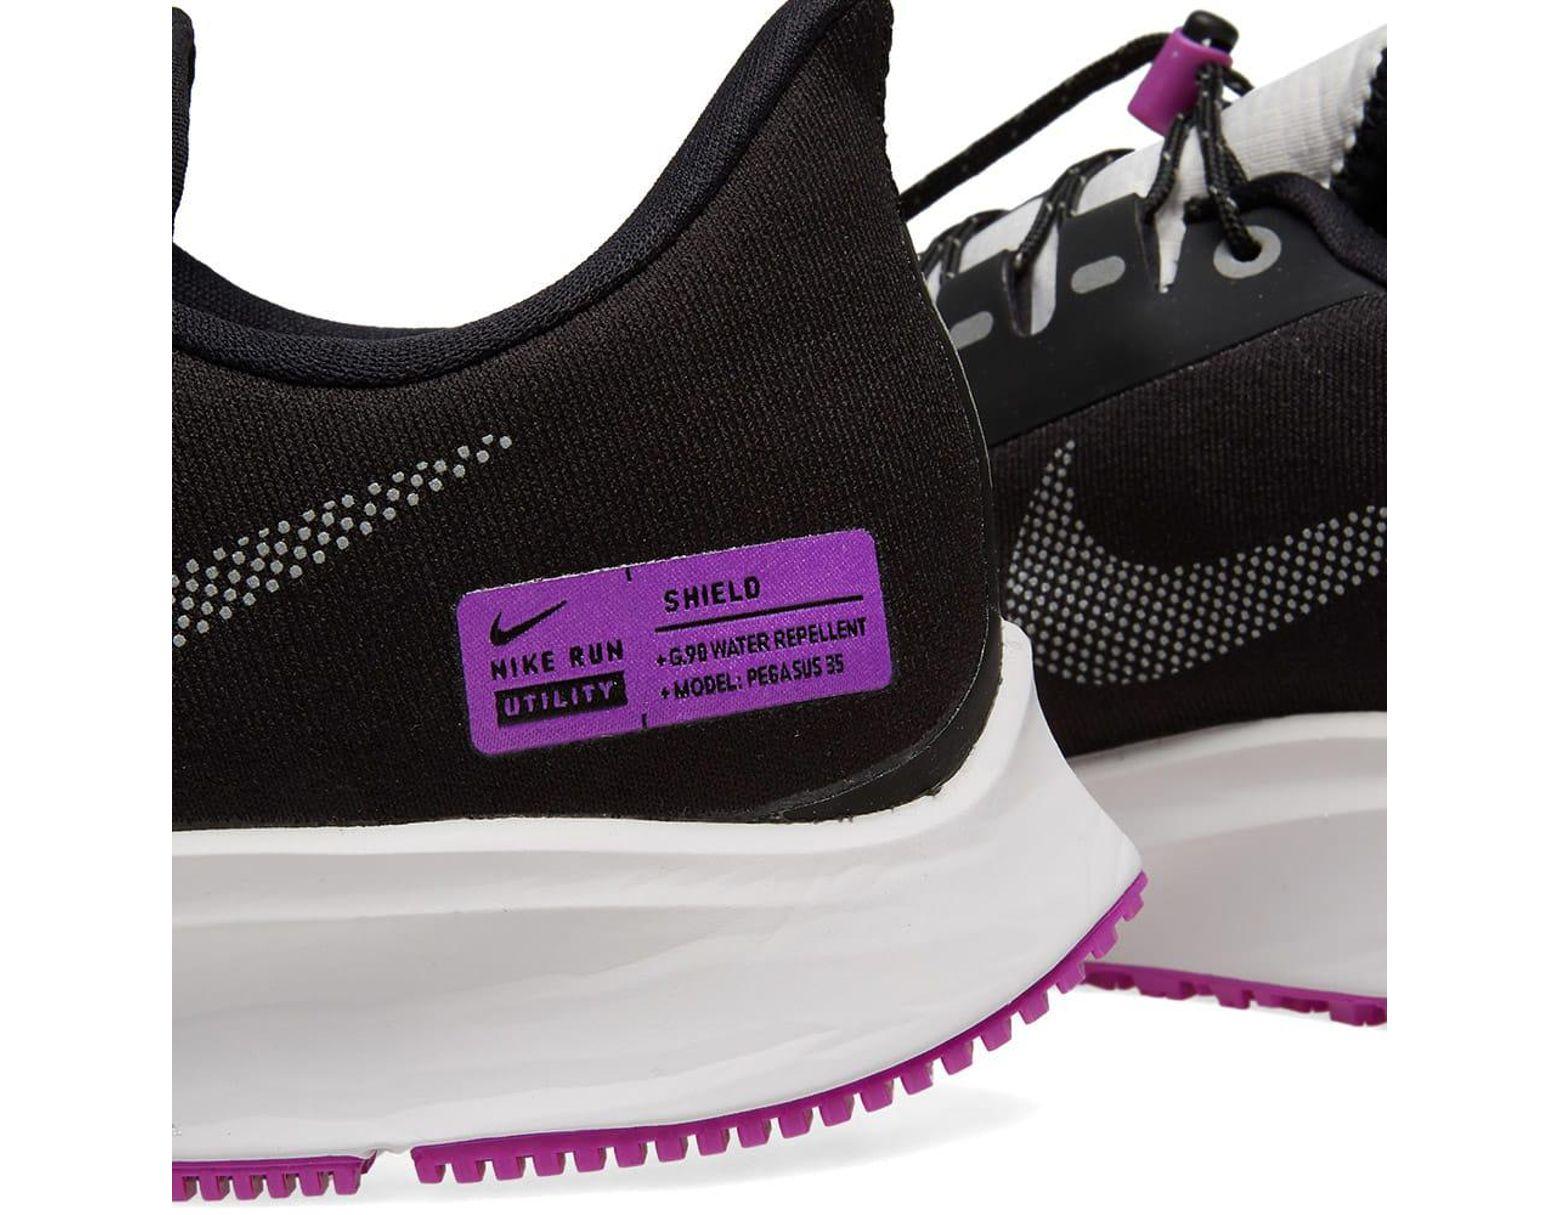 761470581b512 Lyst - Nike Air Zoom Pegasus 35 Shield in Black for Men - Save 50%